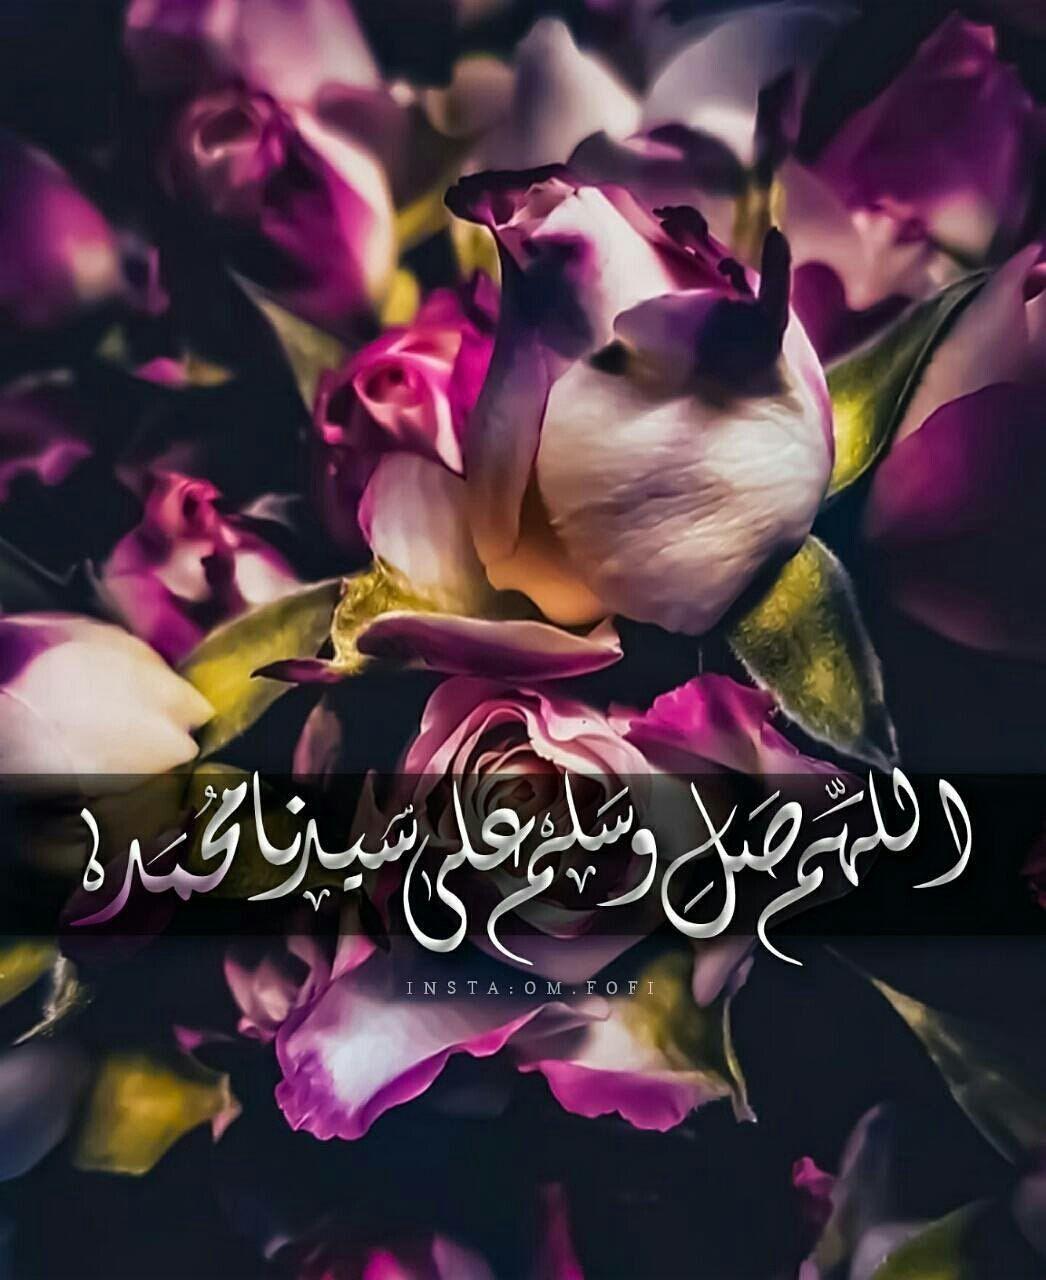 اللهم صل على سيدنا محمد وعلى اله وصحبه وسلم Islamic Pictures Islam Facts Beautiful Love Images